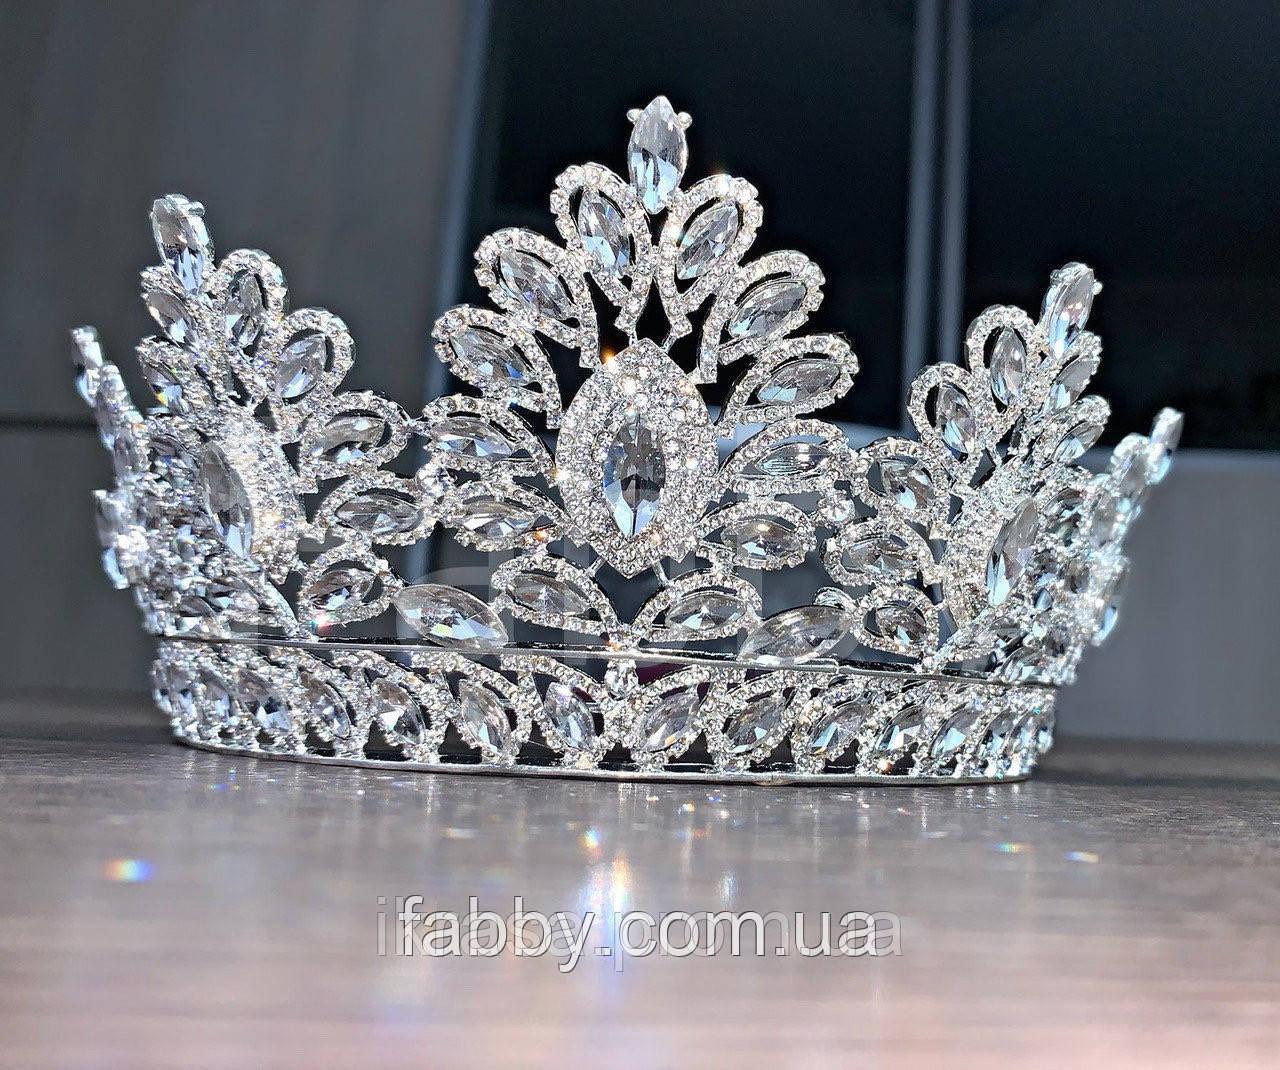 Vanessa's crown - Розкішна корона півколом з неймовірним сяйвом (9 cм)